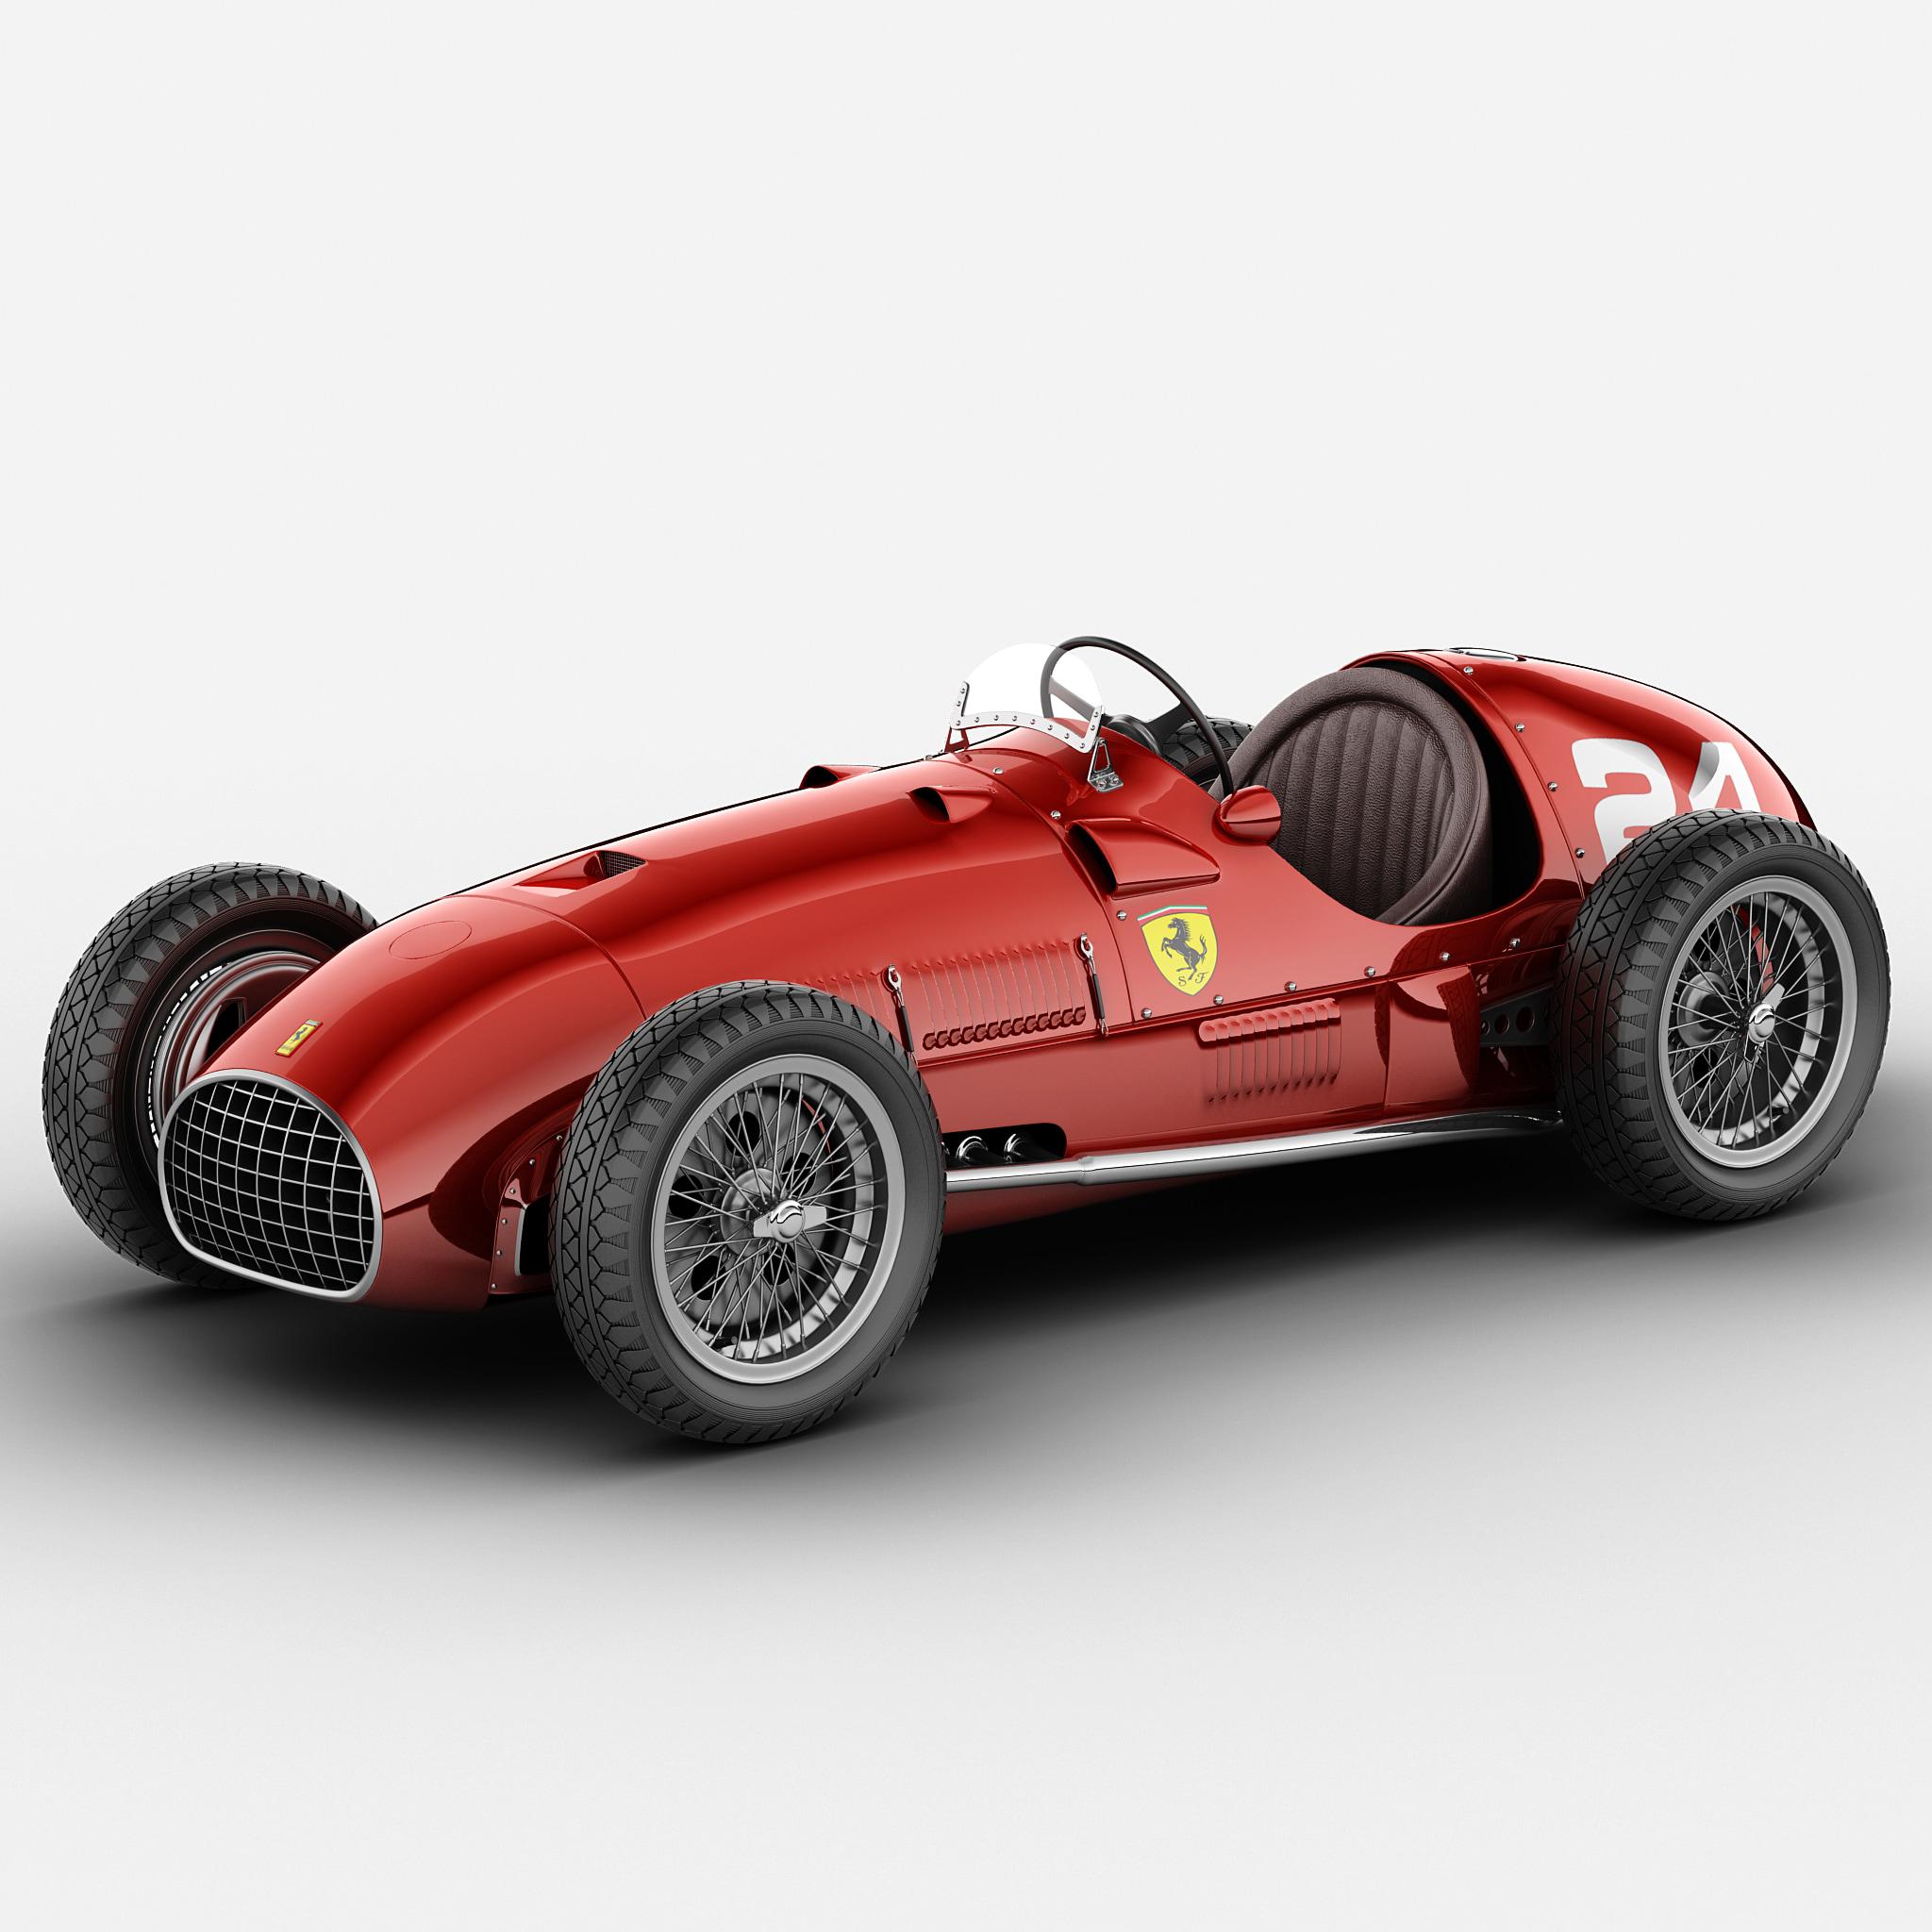 Ferrari 166 F2 Italy Race Car_2.jpg